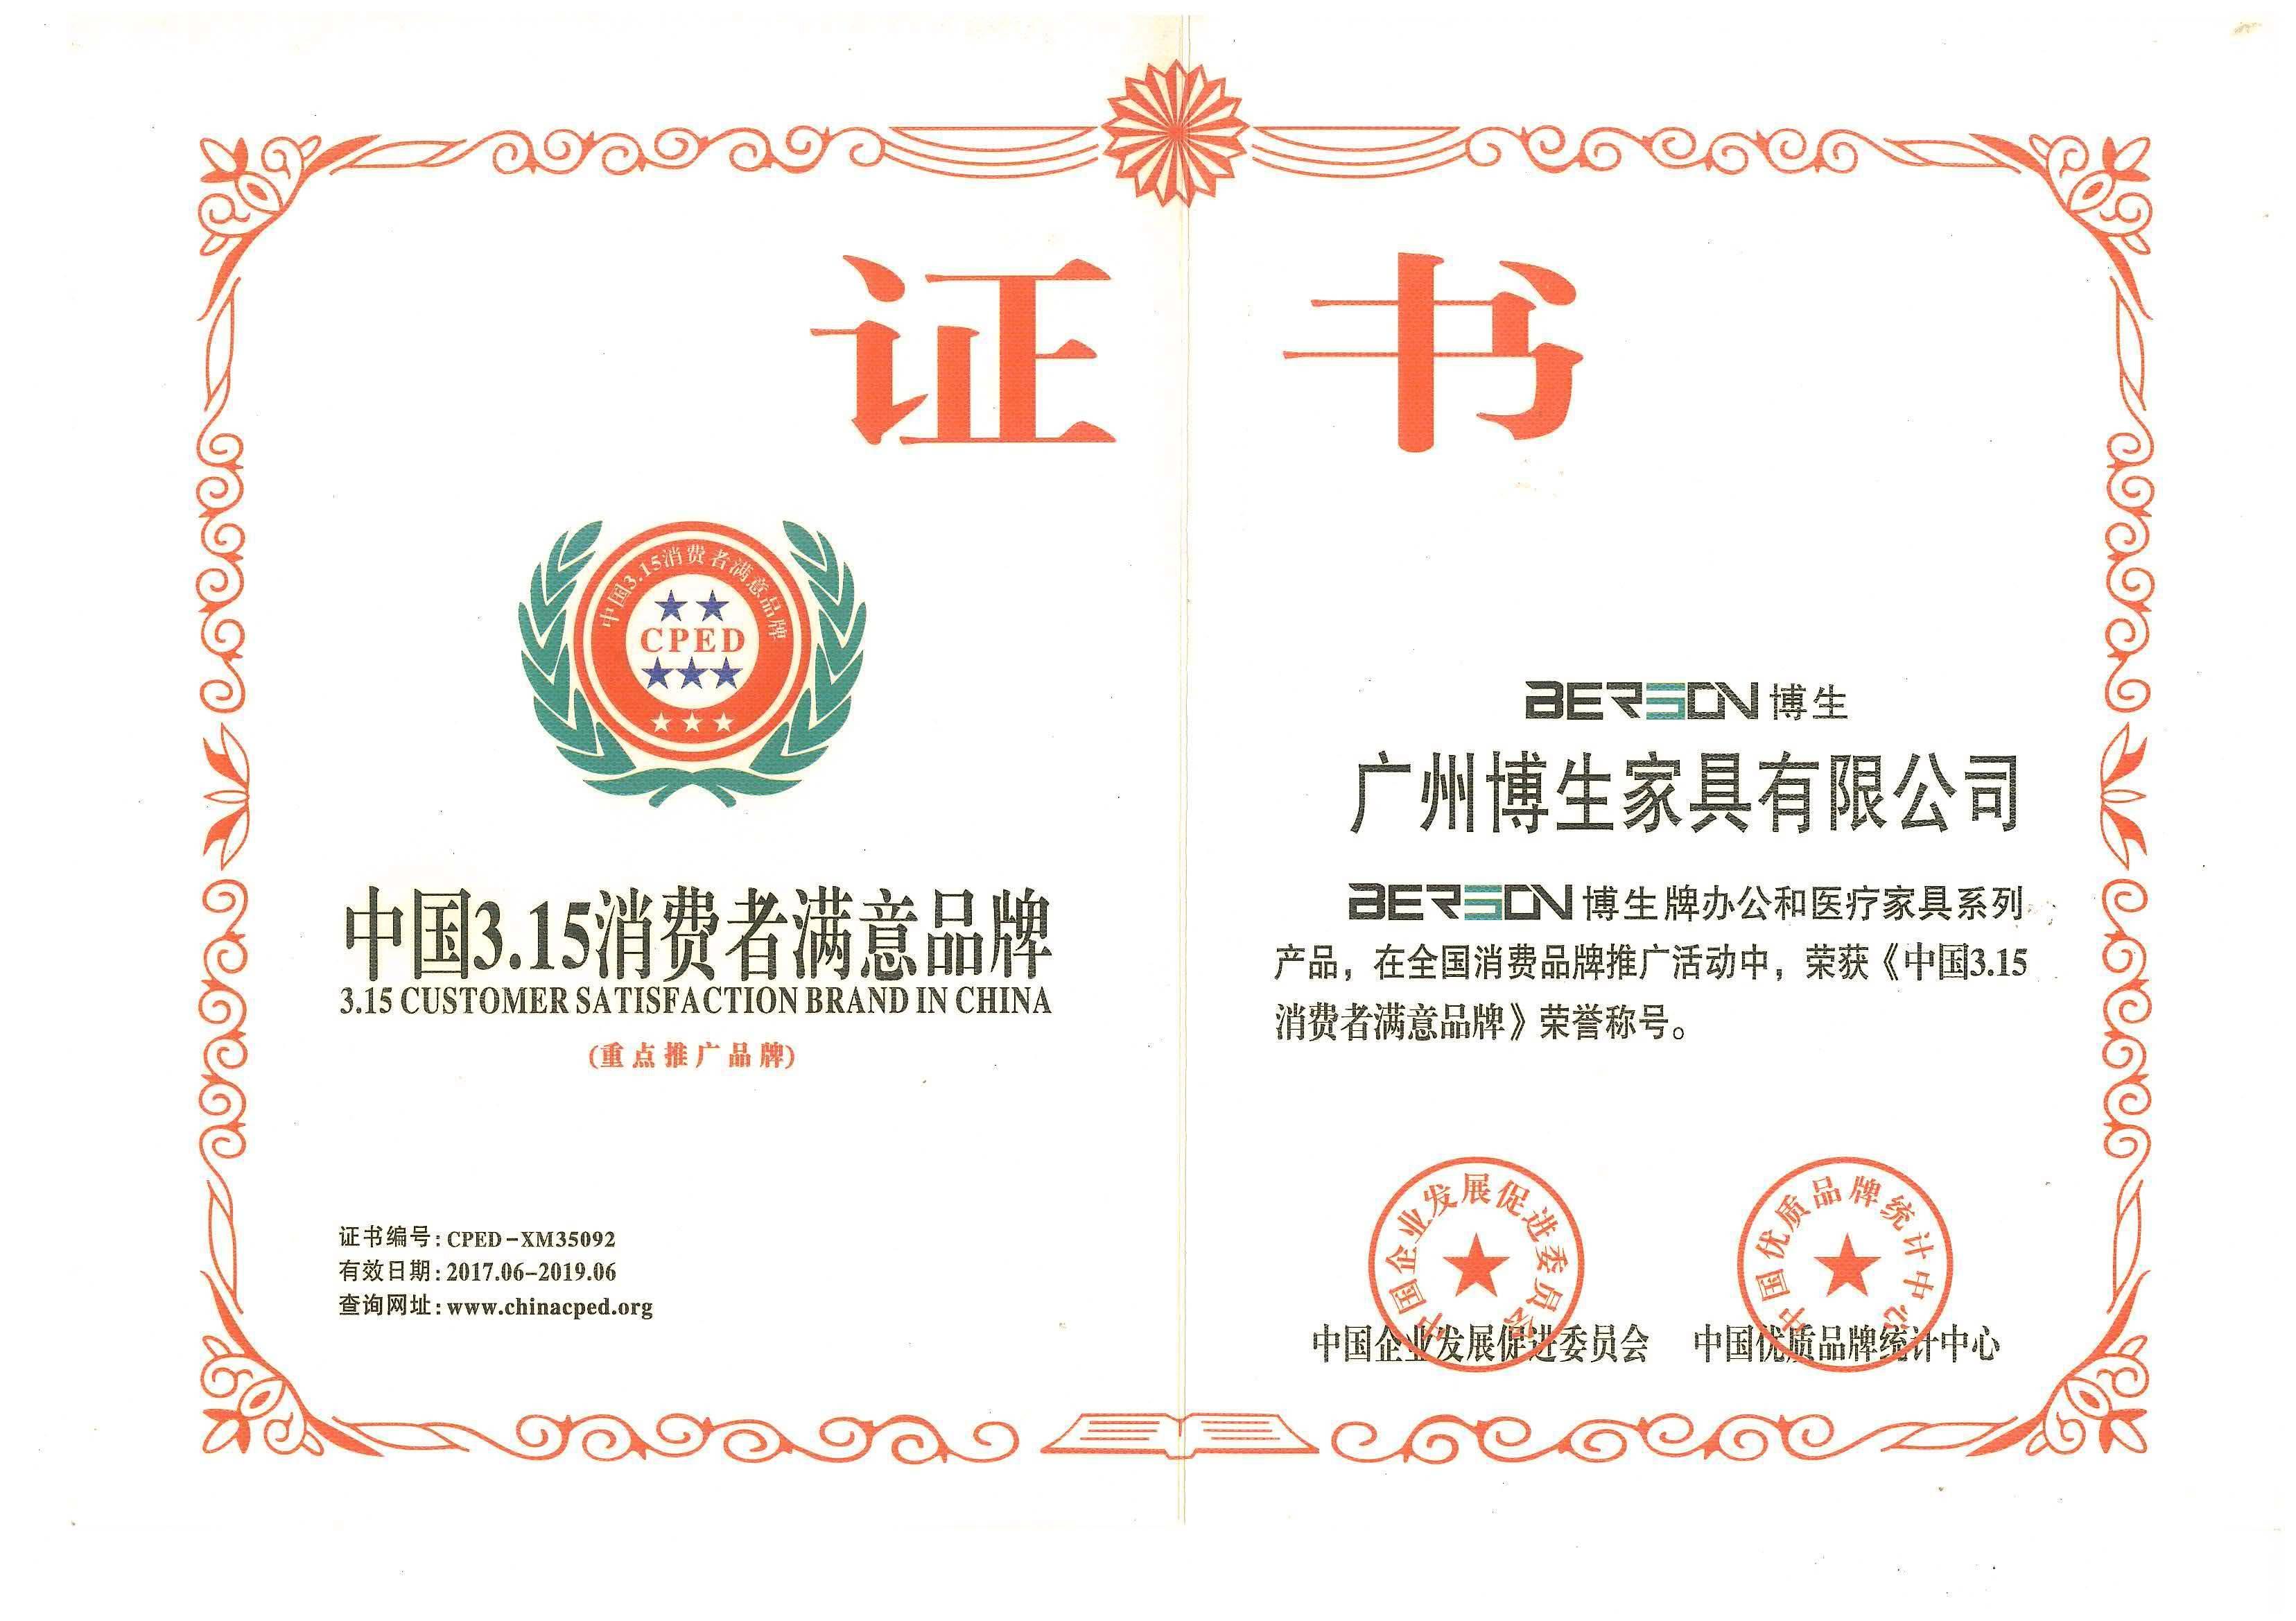 博生家具荣获中国3.15消费者满意品牌